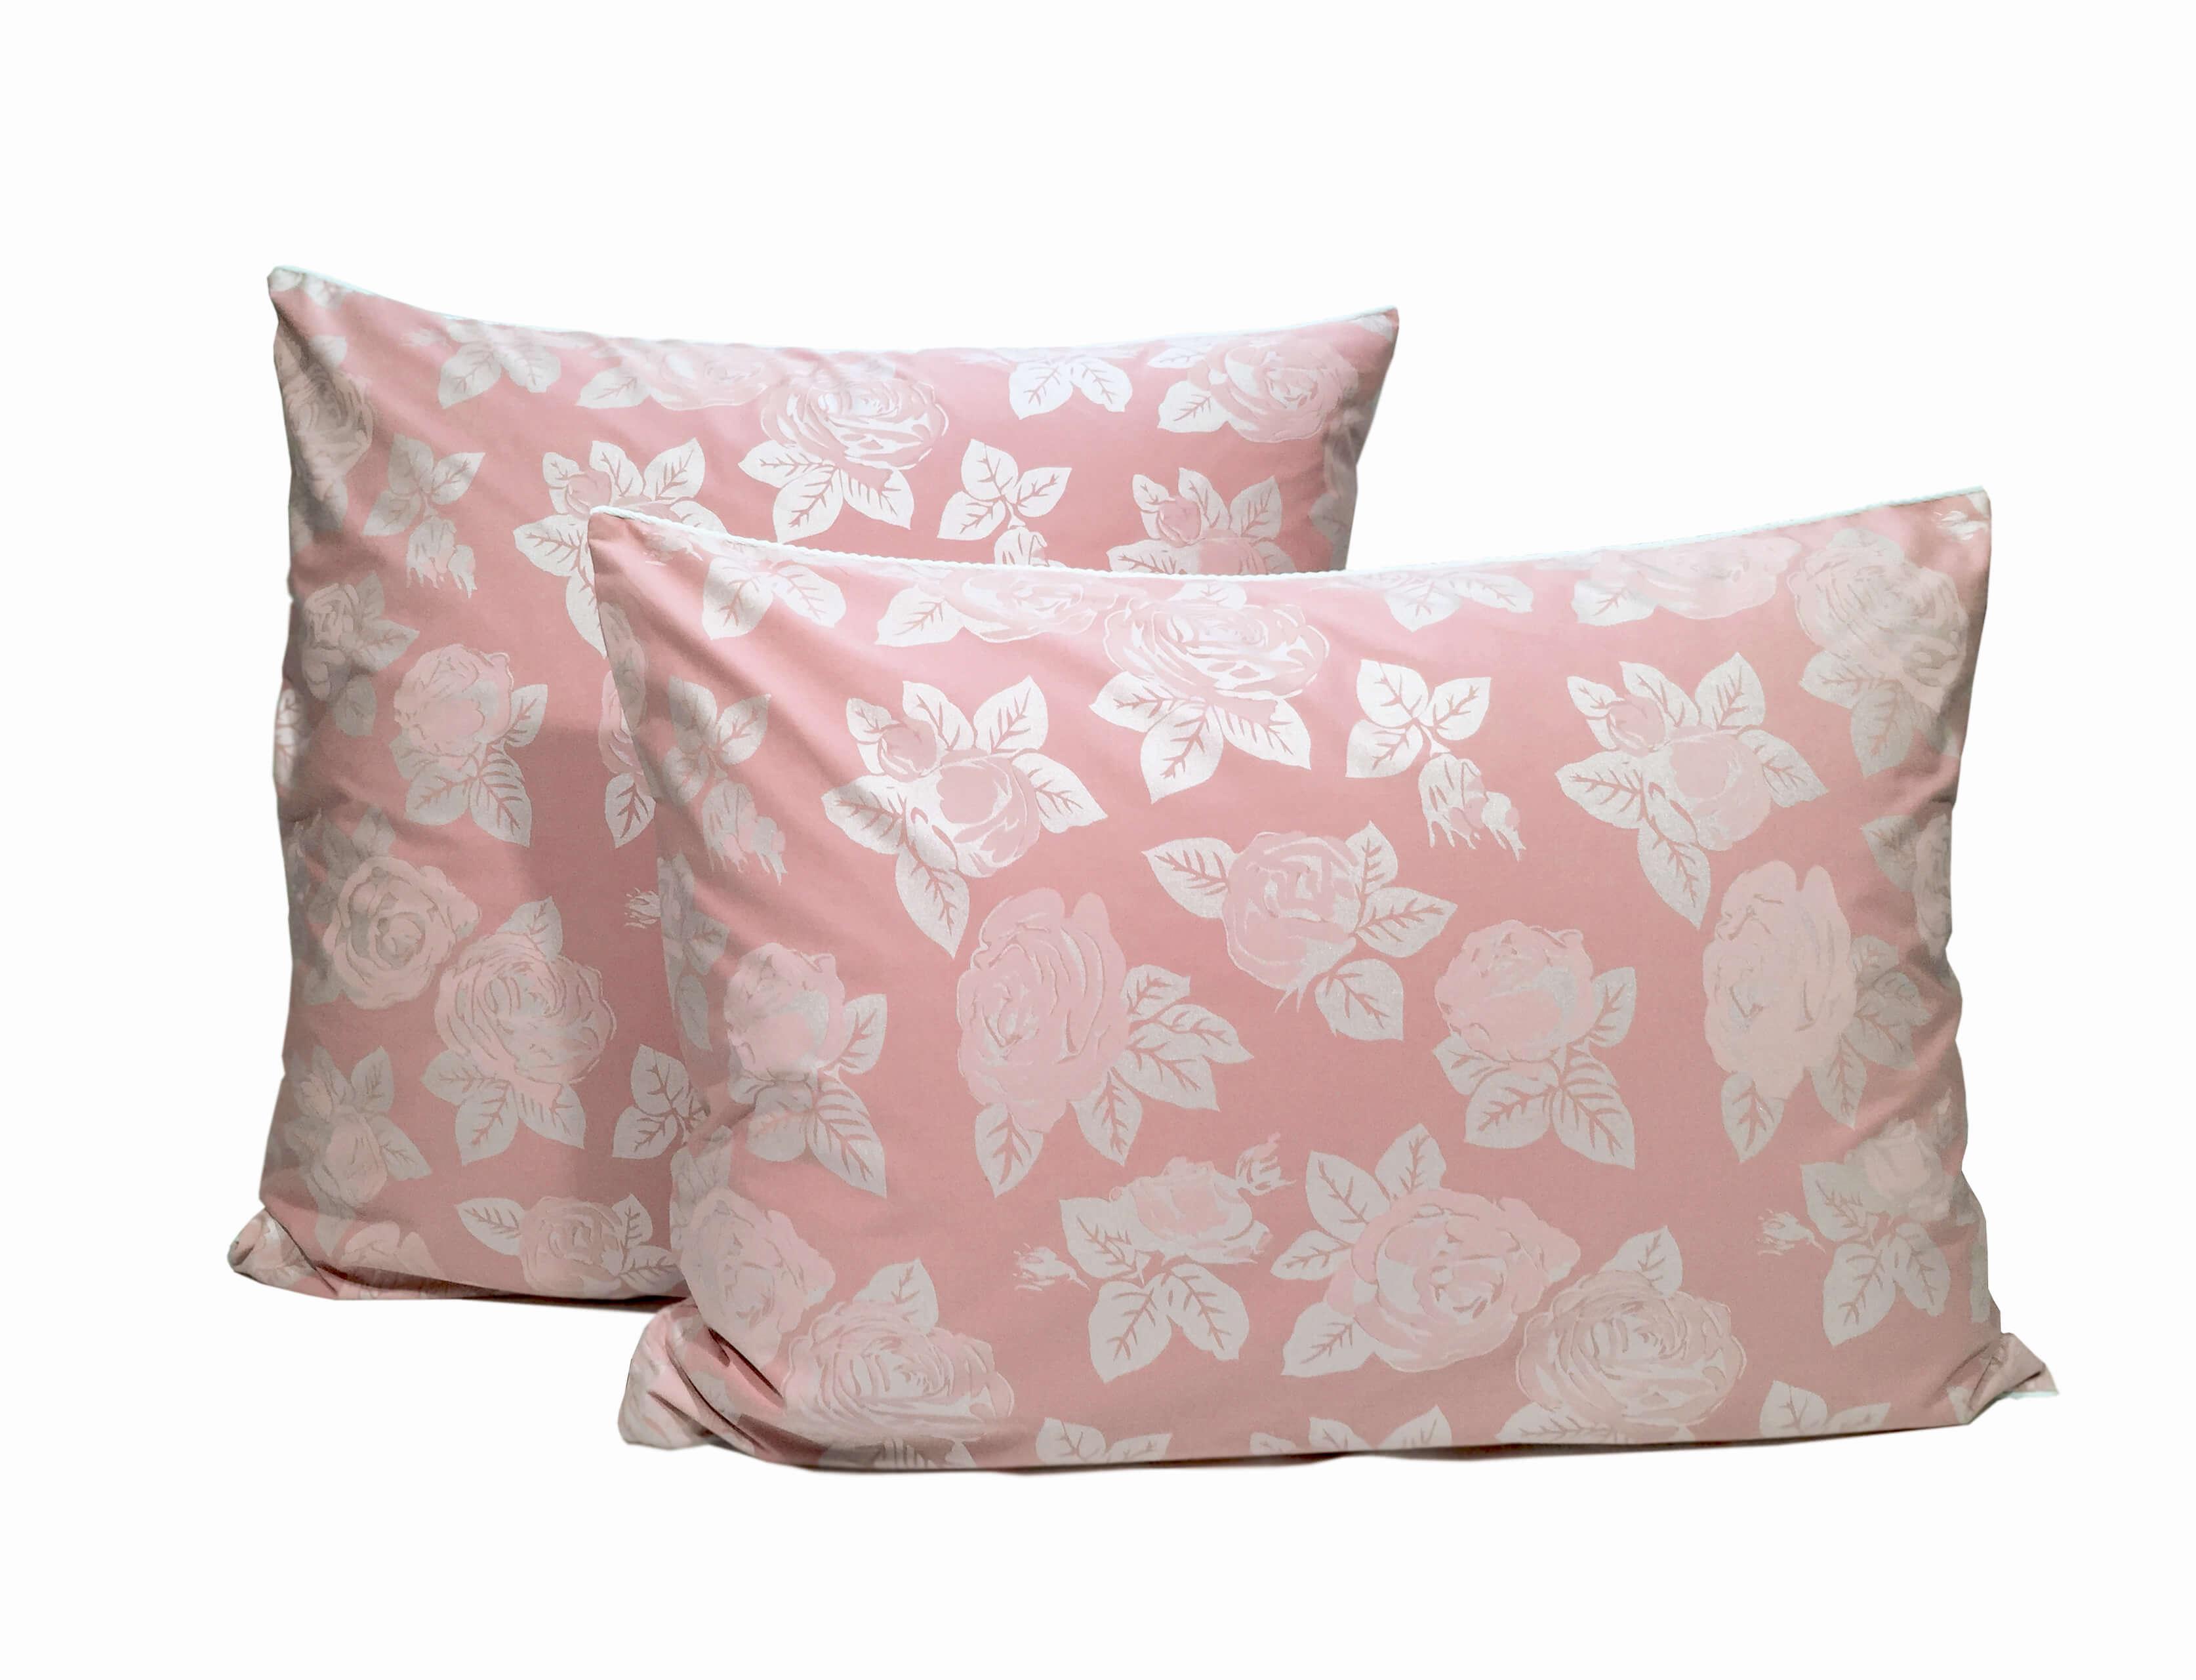 Наперник на молнии 50*70см, ПЭ+хлопок (Розы, розовый)